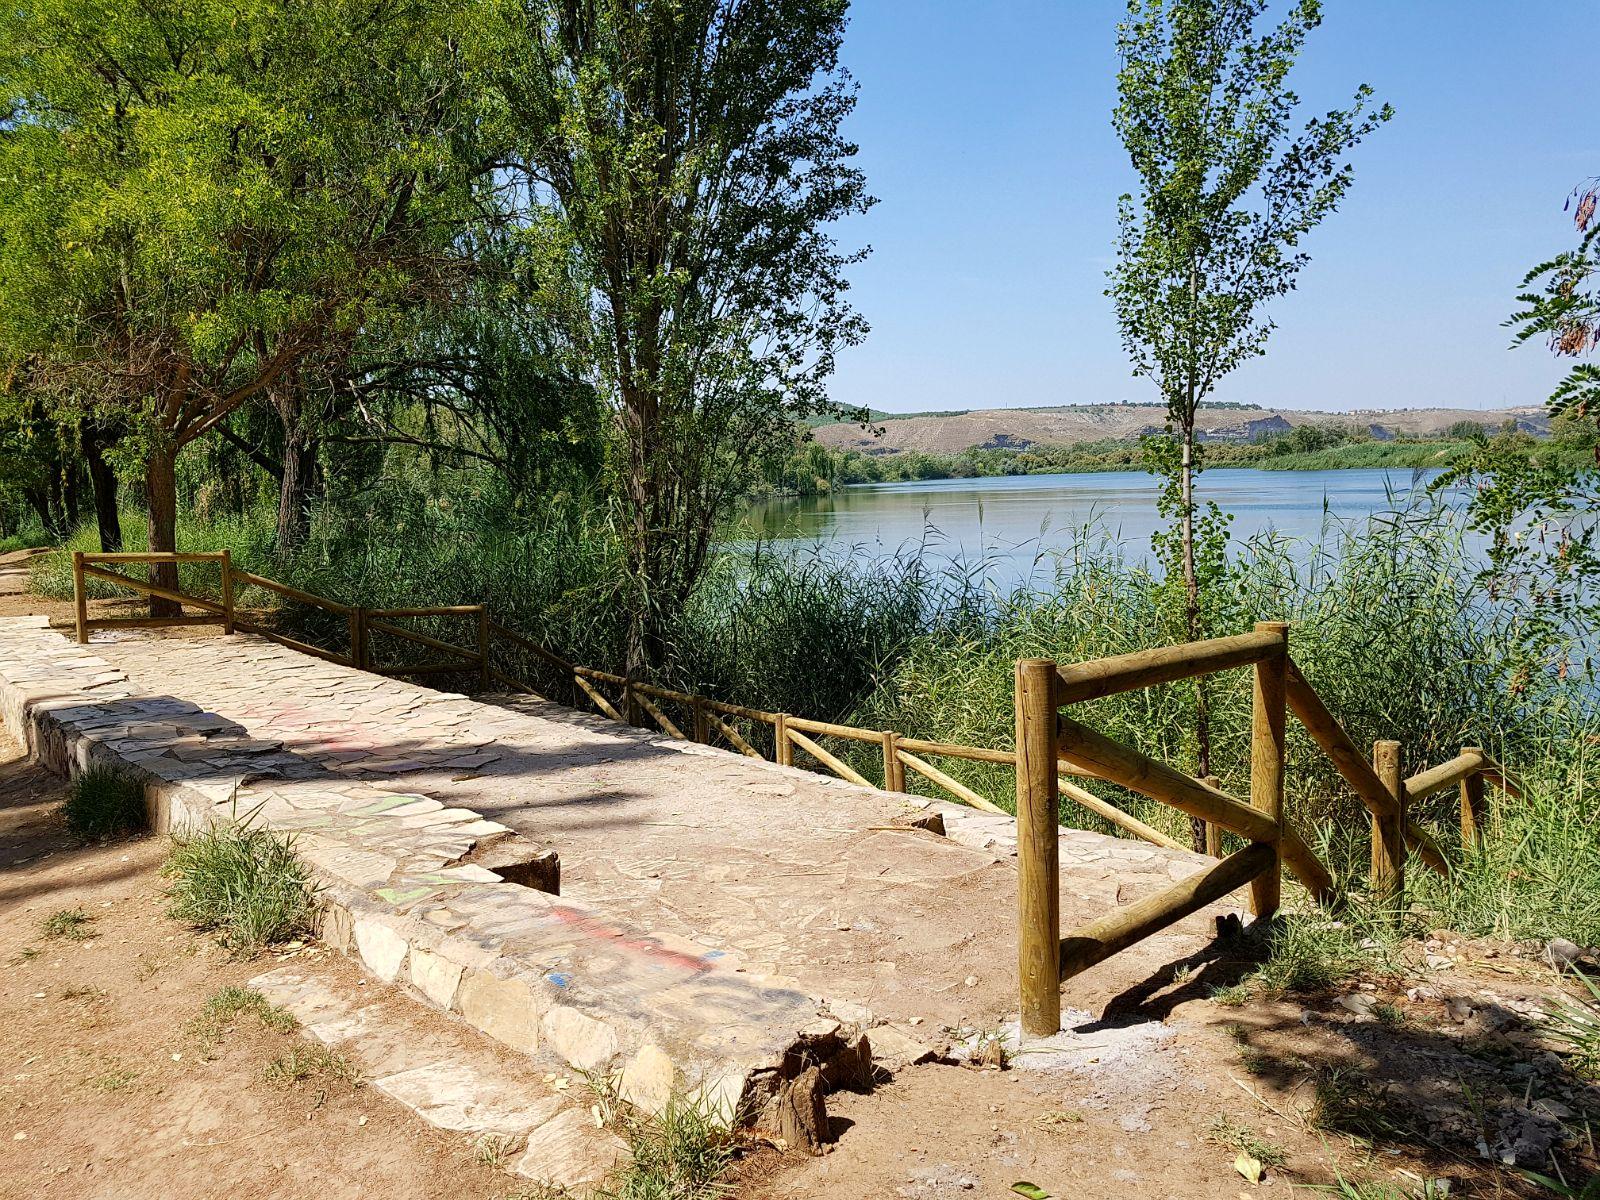 El Ayuntamiento de Velilla renueva el vallado de la Laguna El Raso y el embarcadero